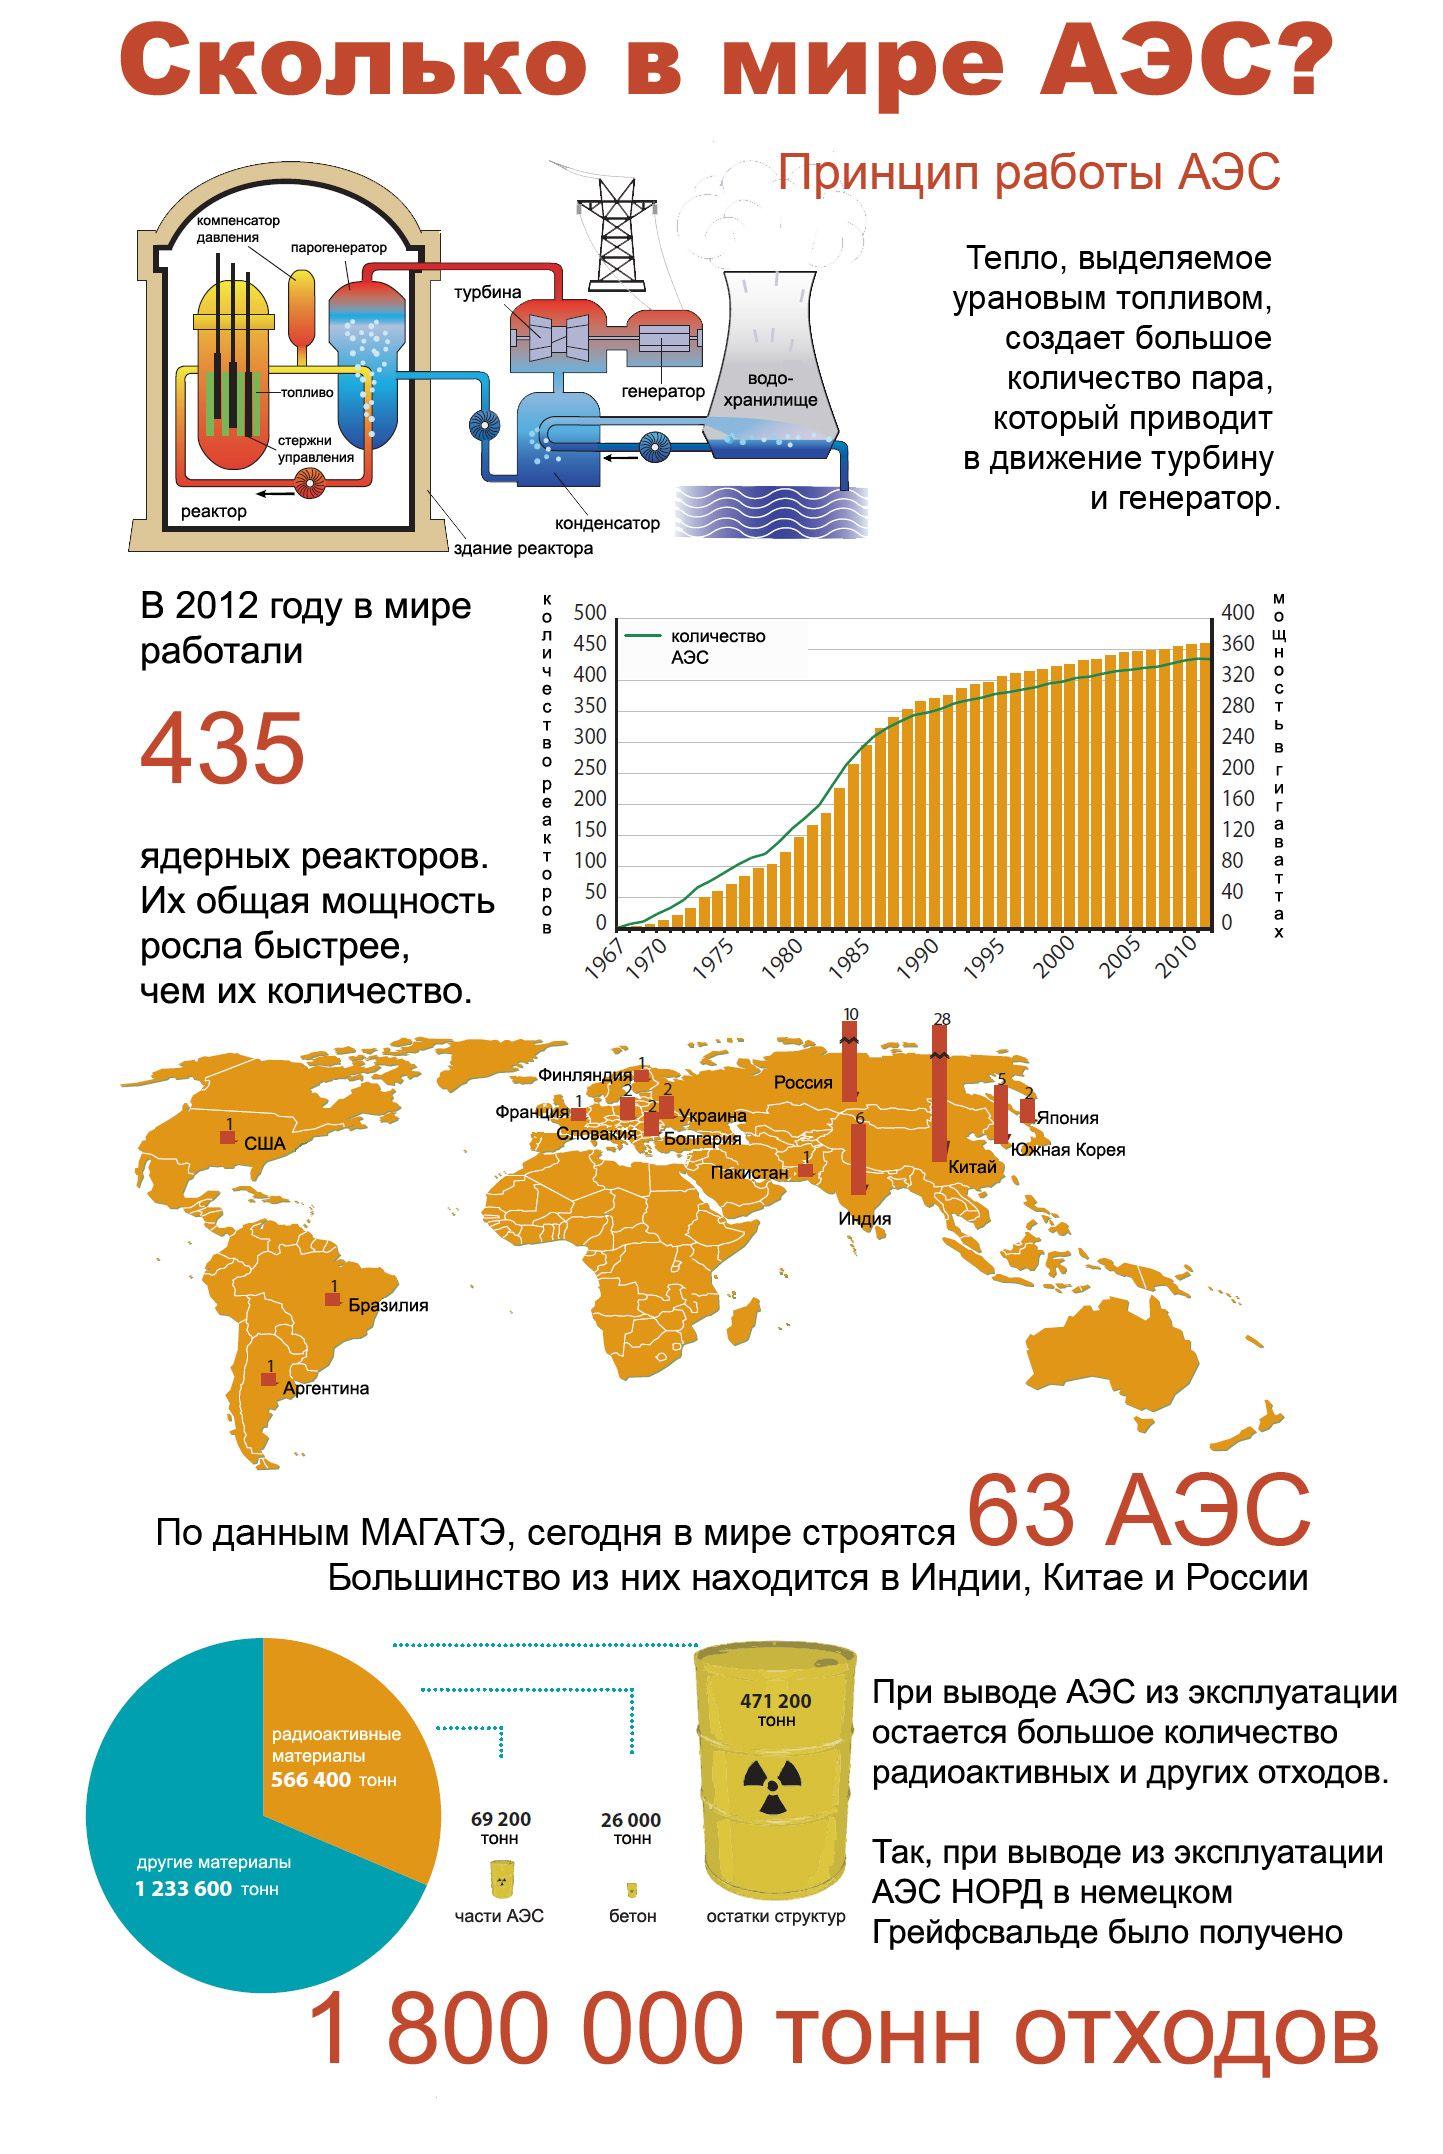 Инфографика АЭС infographics infographic